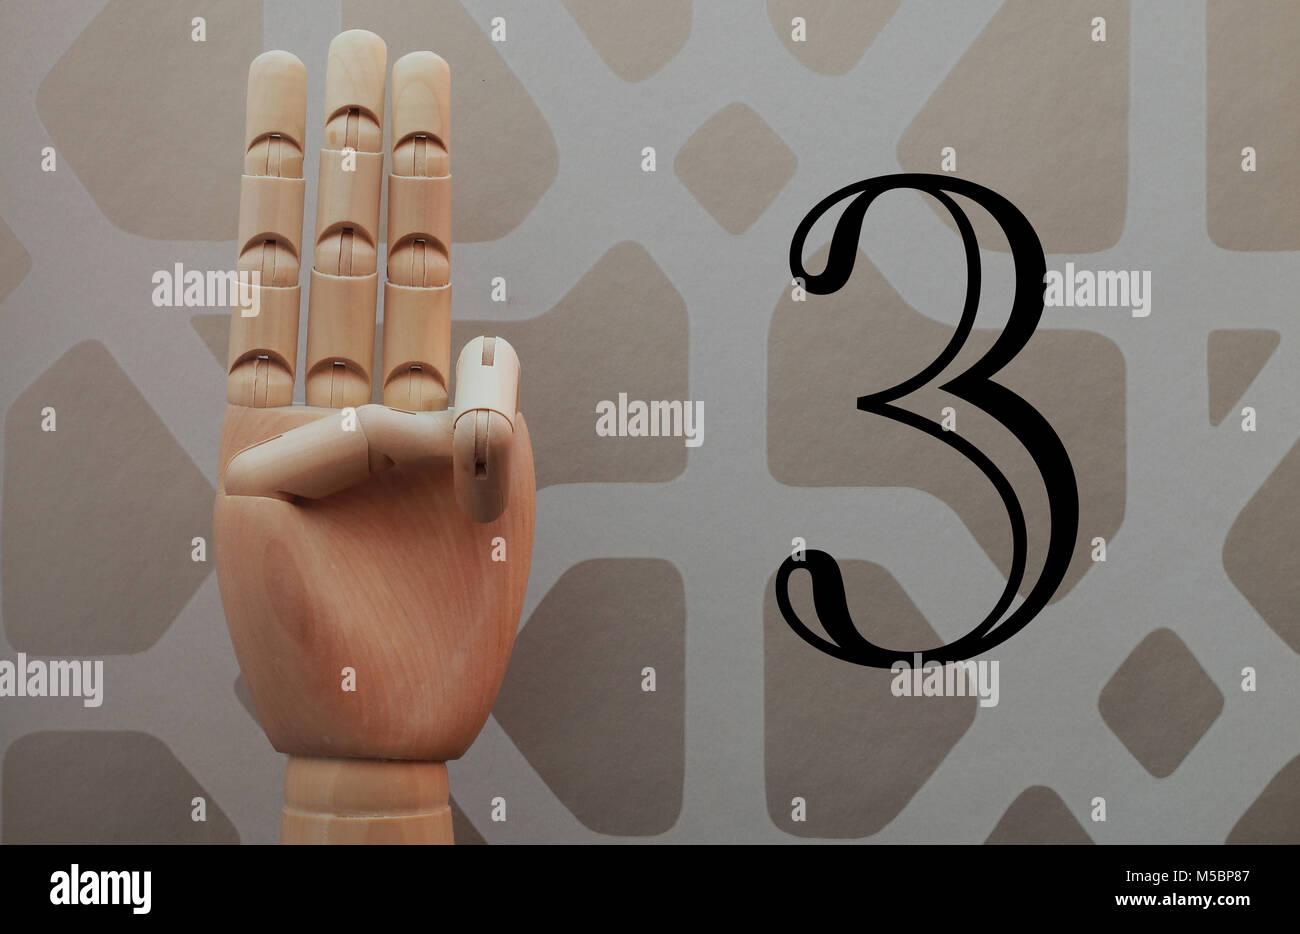 Main en bois articulé avec trois doigts a grandi à allusion à numéro trois, sur fond de papier Photo Stock